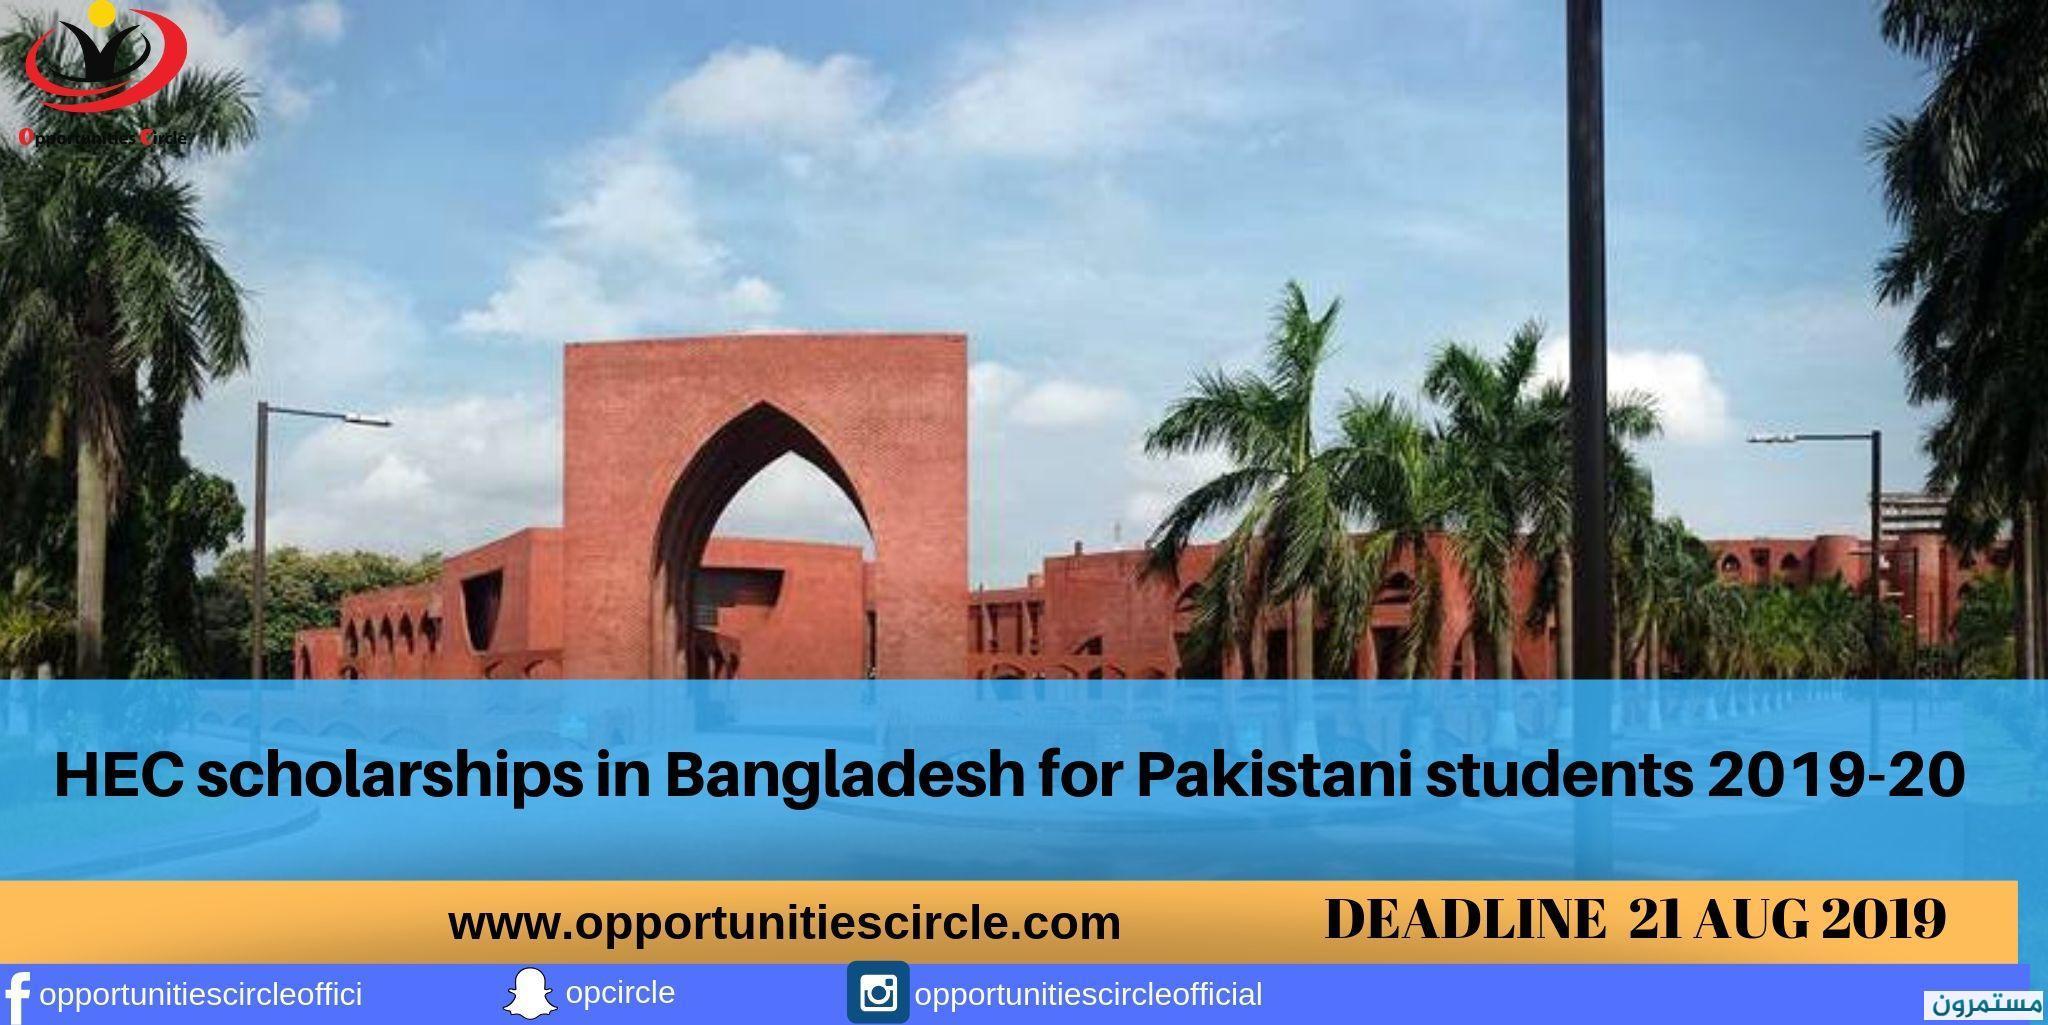 منح دراسية في بنغلادش لنيل البكالوريوسفيمجال الطب البشري والاسنان.